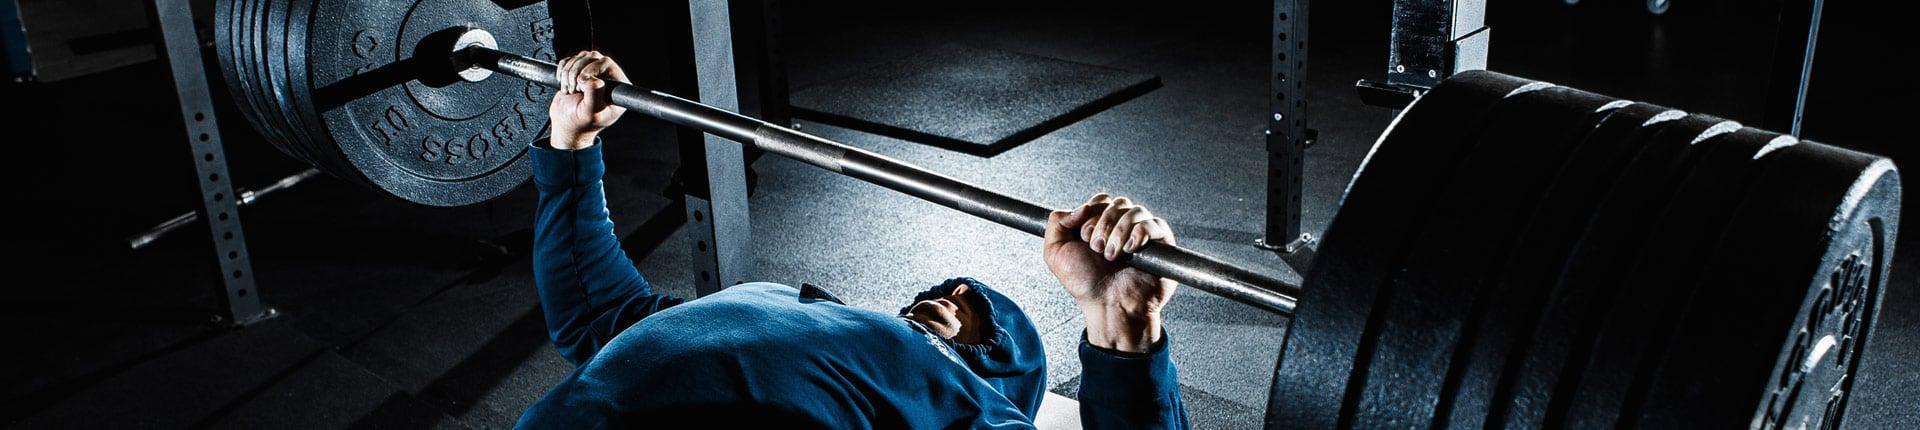 2 ćwiczenia plyometryczne, które poprawią  siłę w wyciskaniu